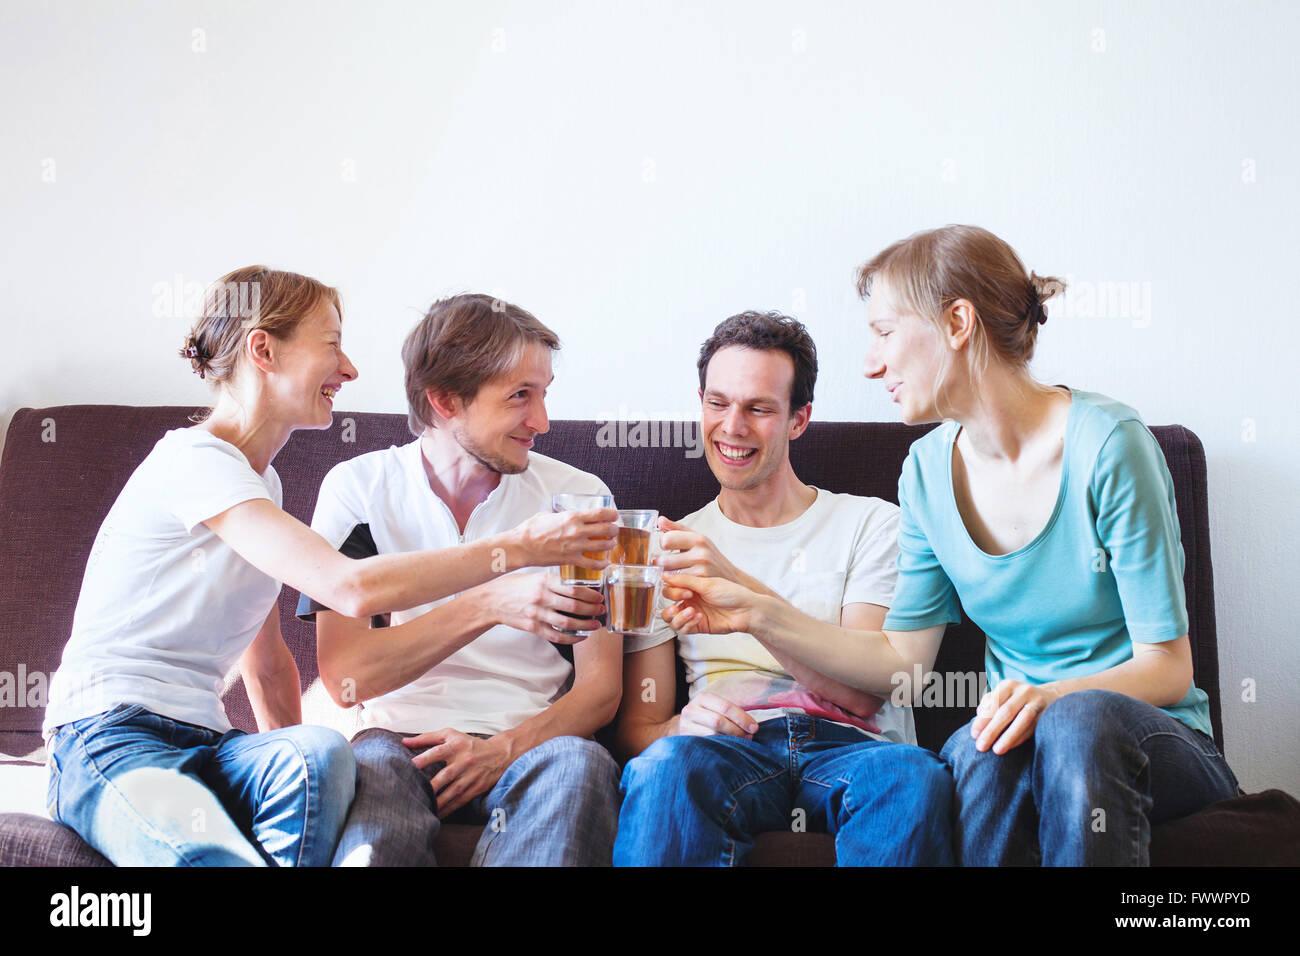 Grupo de Amigos vitoreando en casa, la gente sonriente joven feliz con bebidas, copyspace Imagen De Stock